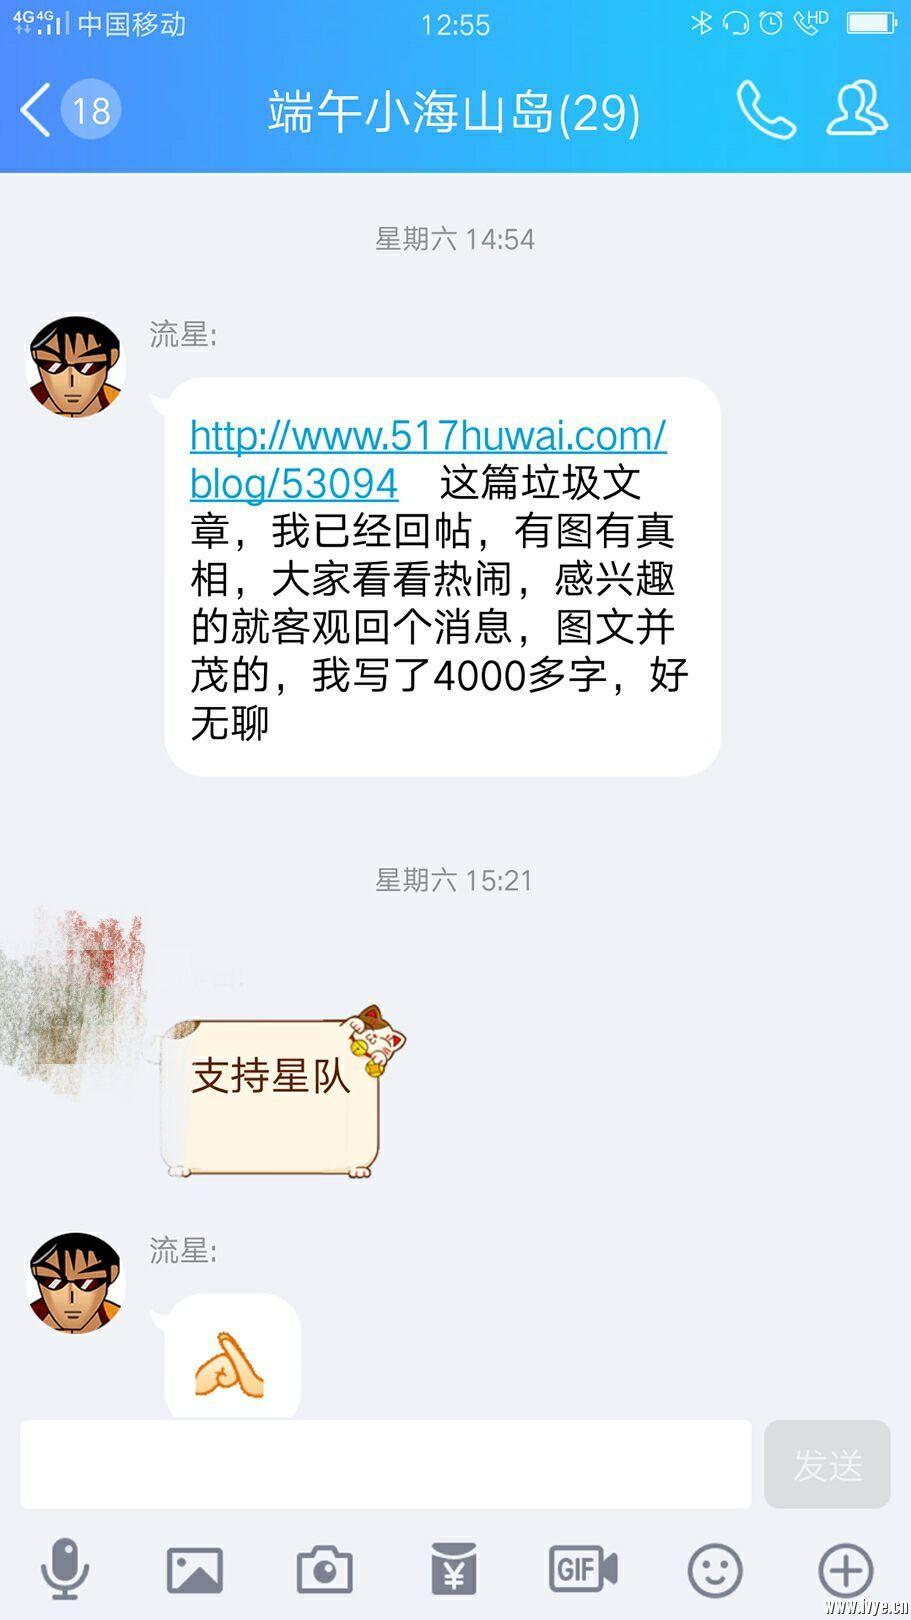 QQ图片20180627221422.jpg